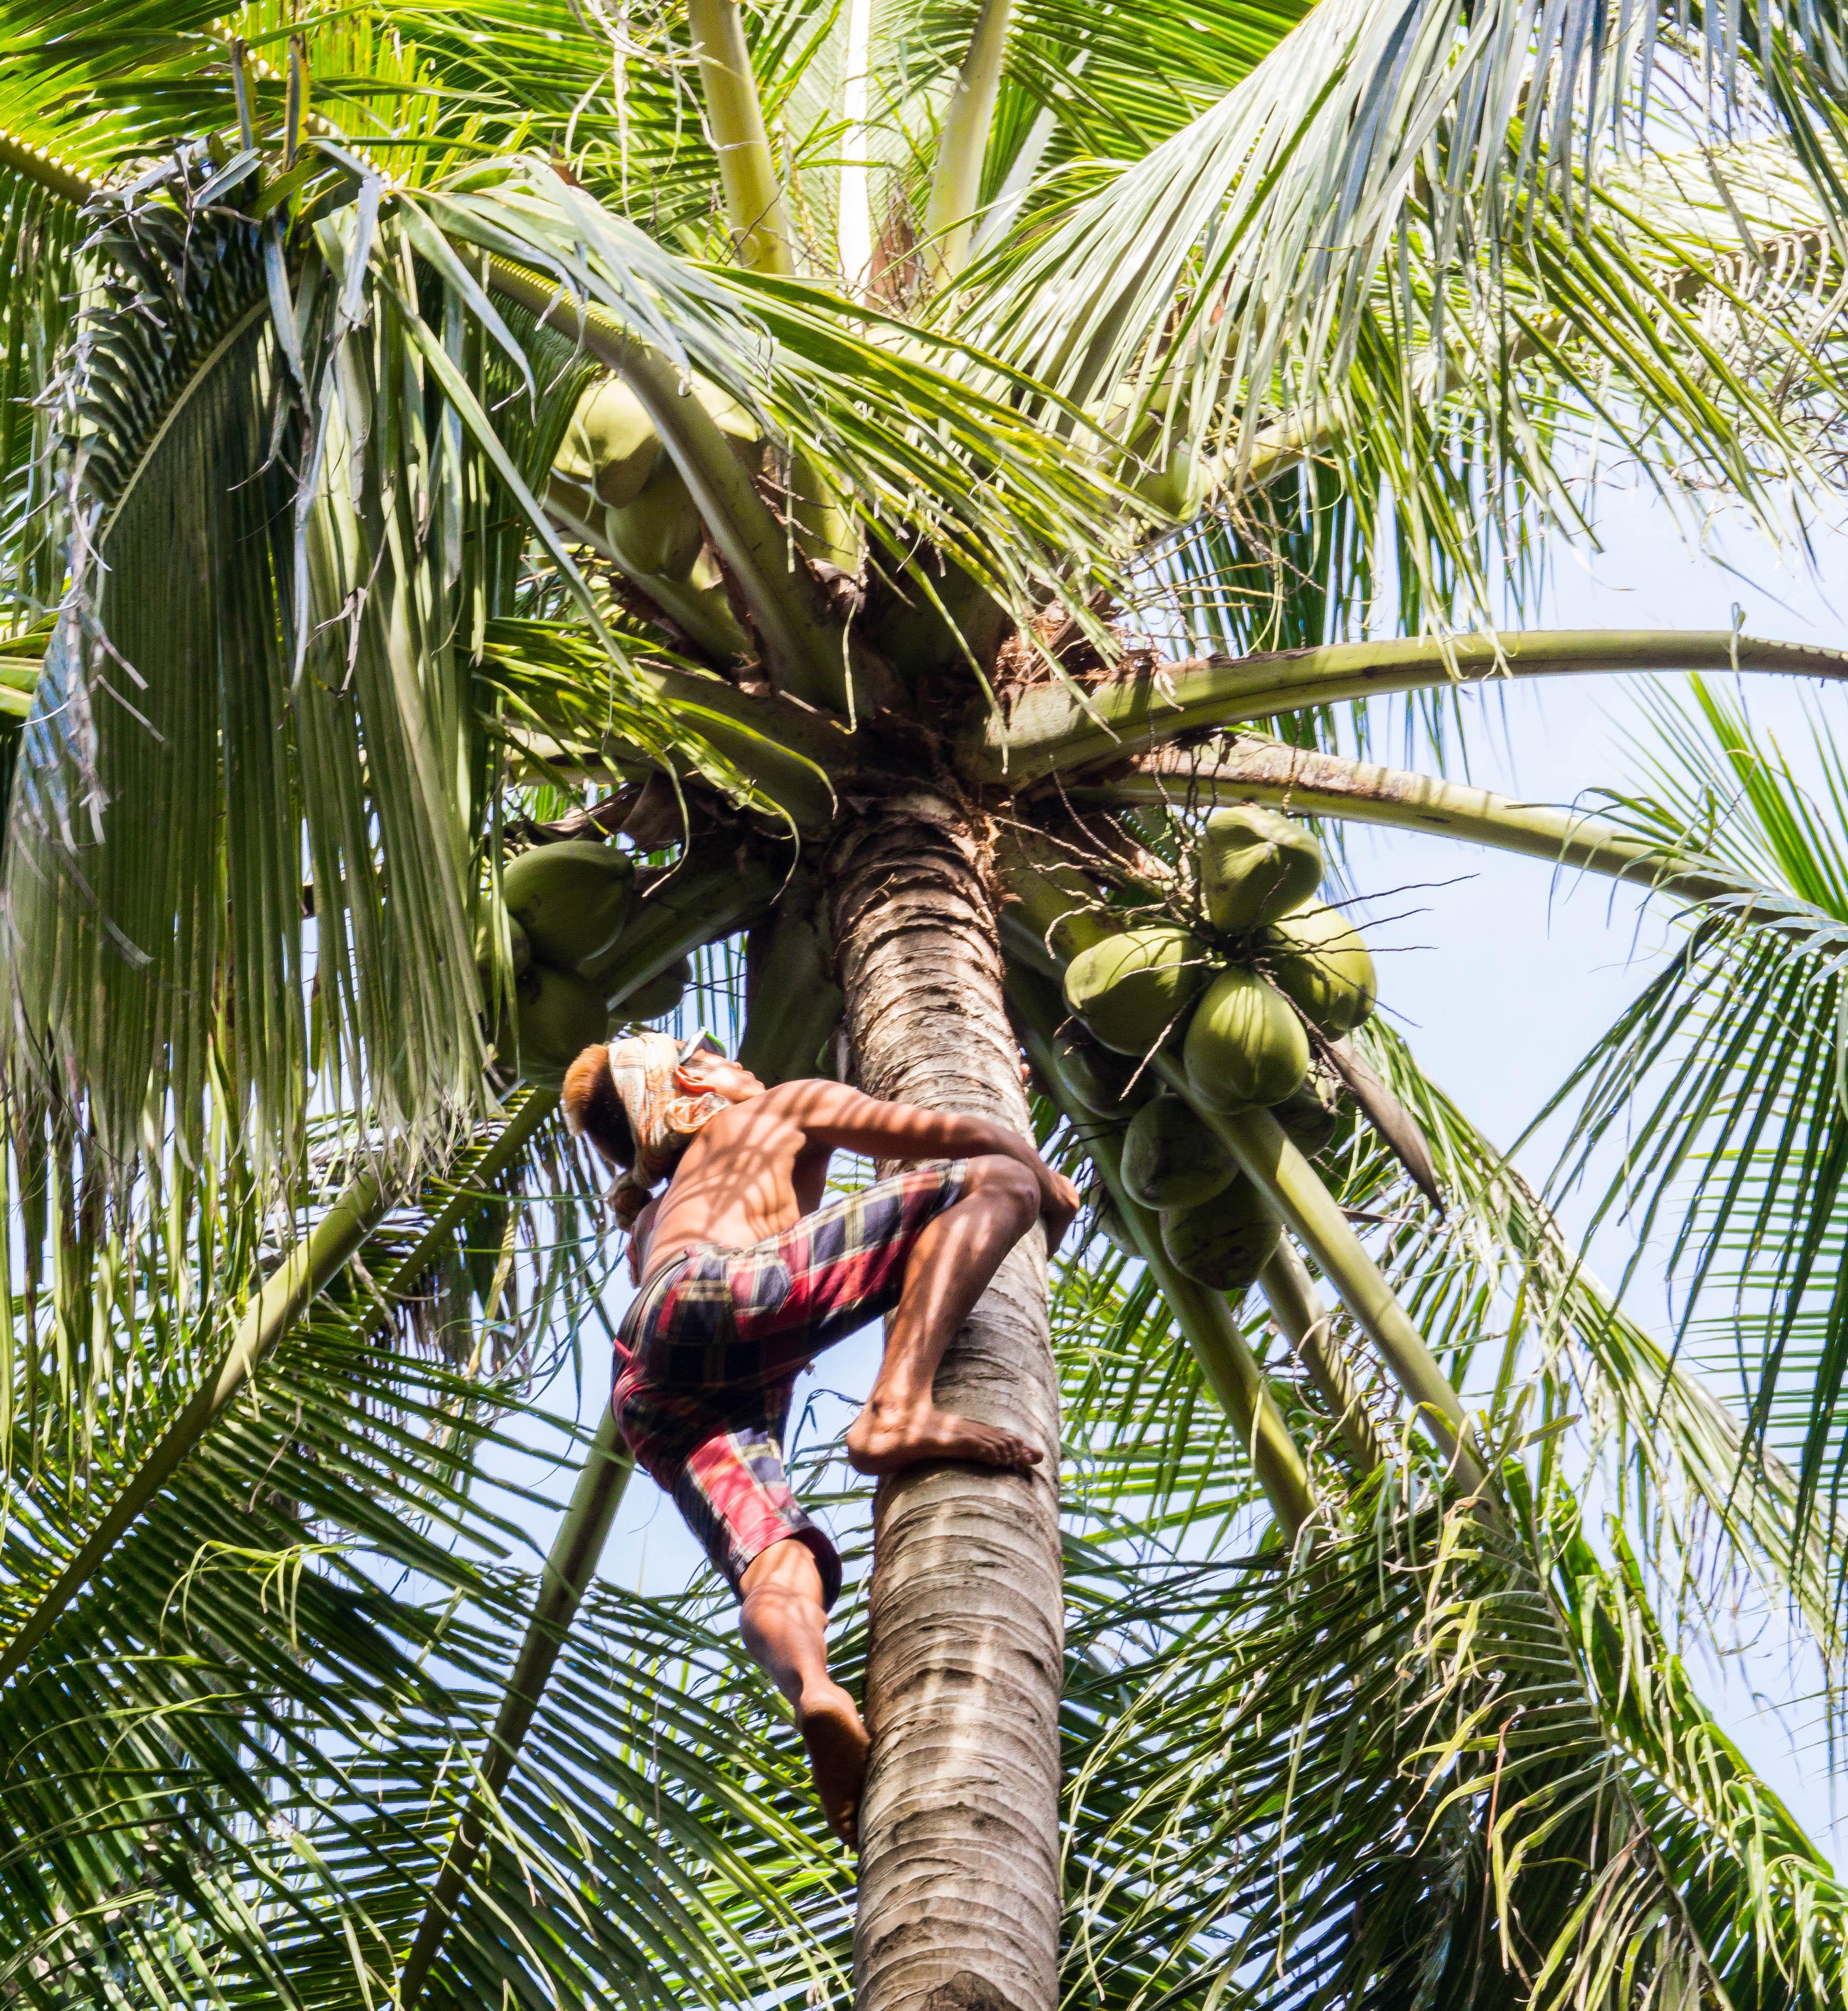 Smidigt klättrar en filippinsk kille upp och skär ner kokosnötter. Foto: Patrik Enlund